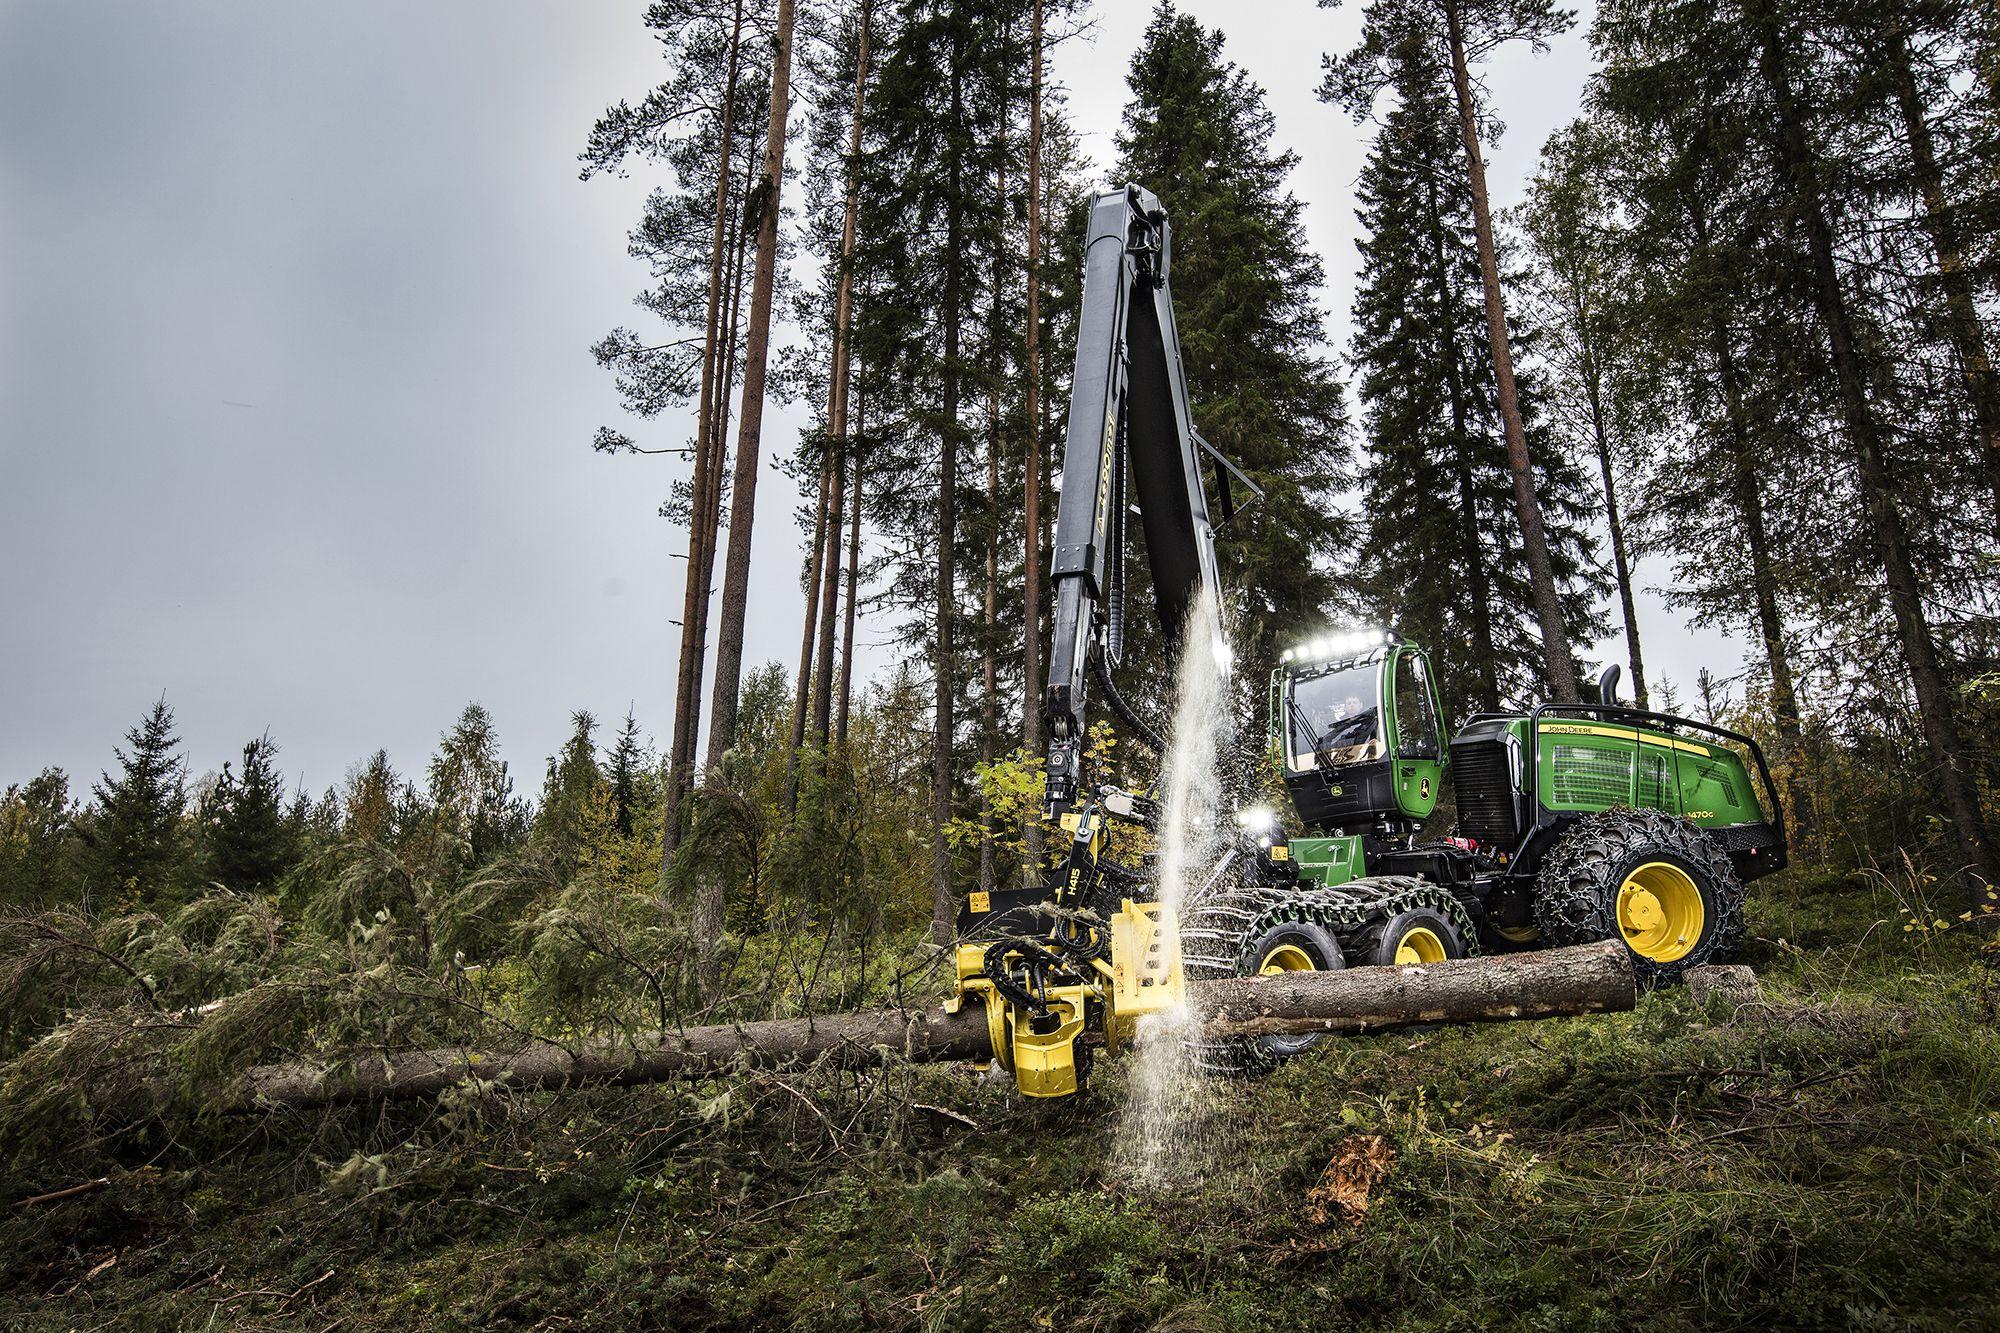 Procesadora forestal #JohnDeere 1470G con cabina giratoria y nivelable y motor FT4, cortando un tronco a medida